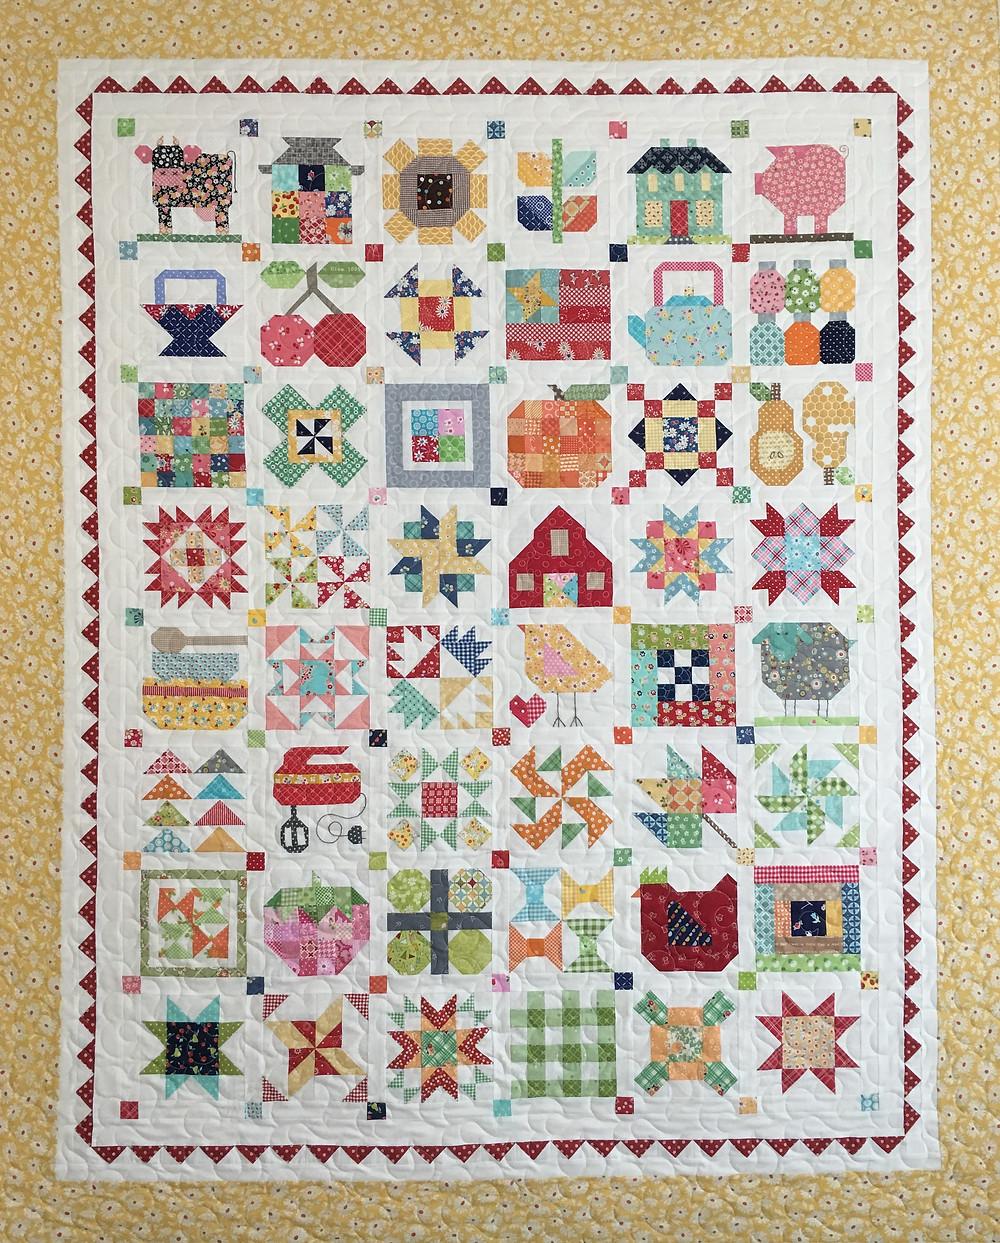 Sampler Quilt by Sally Matoushek